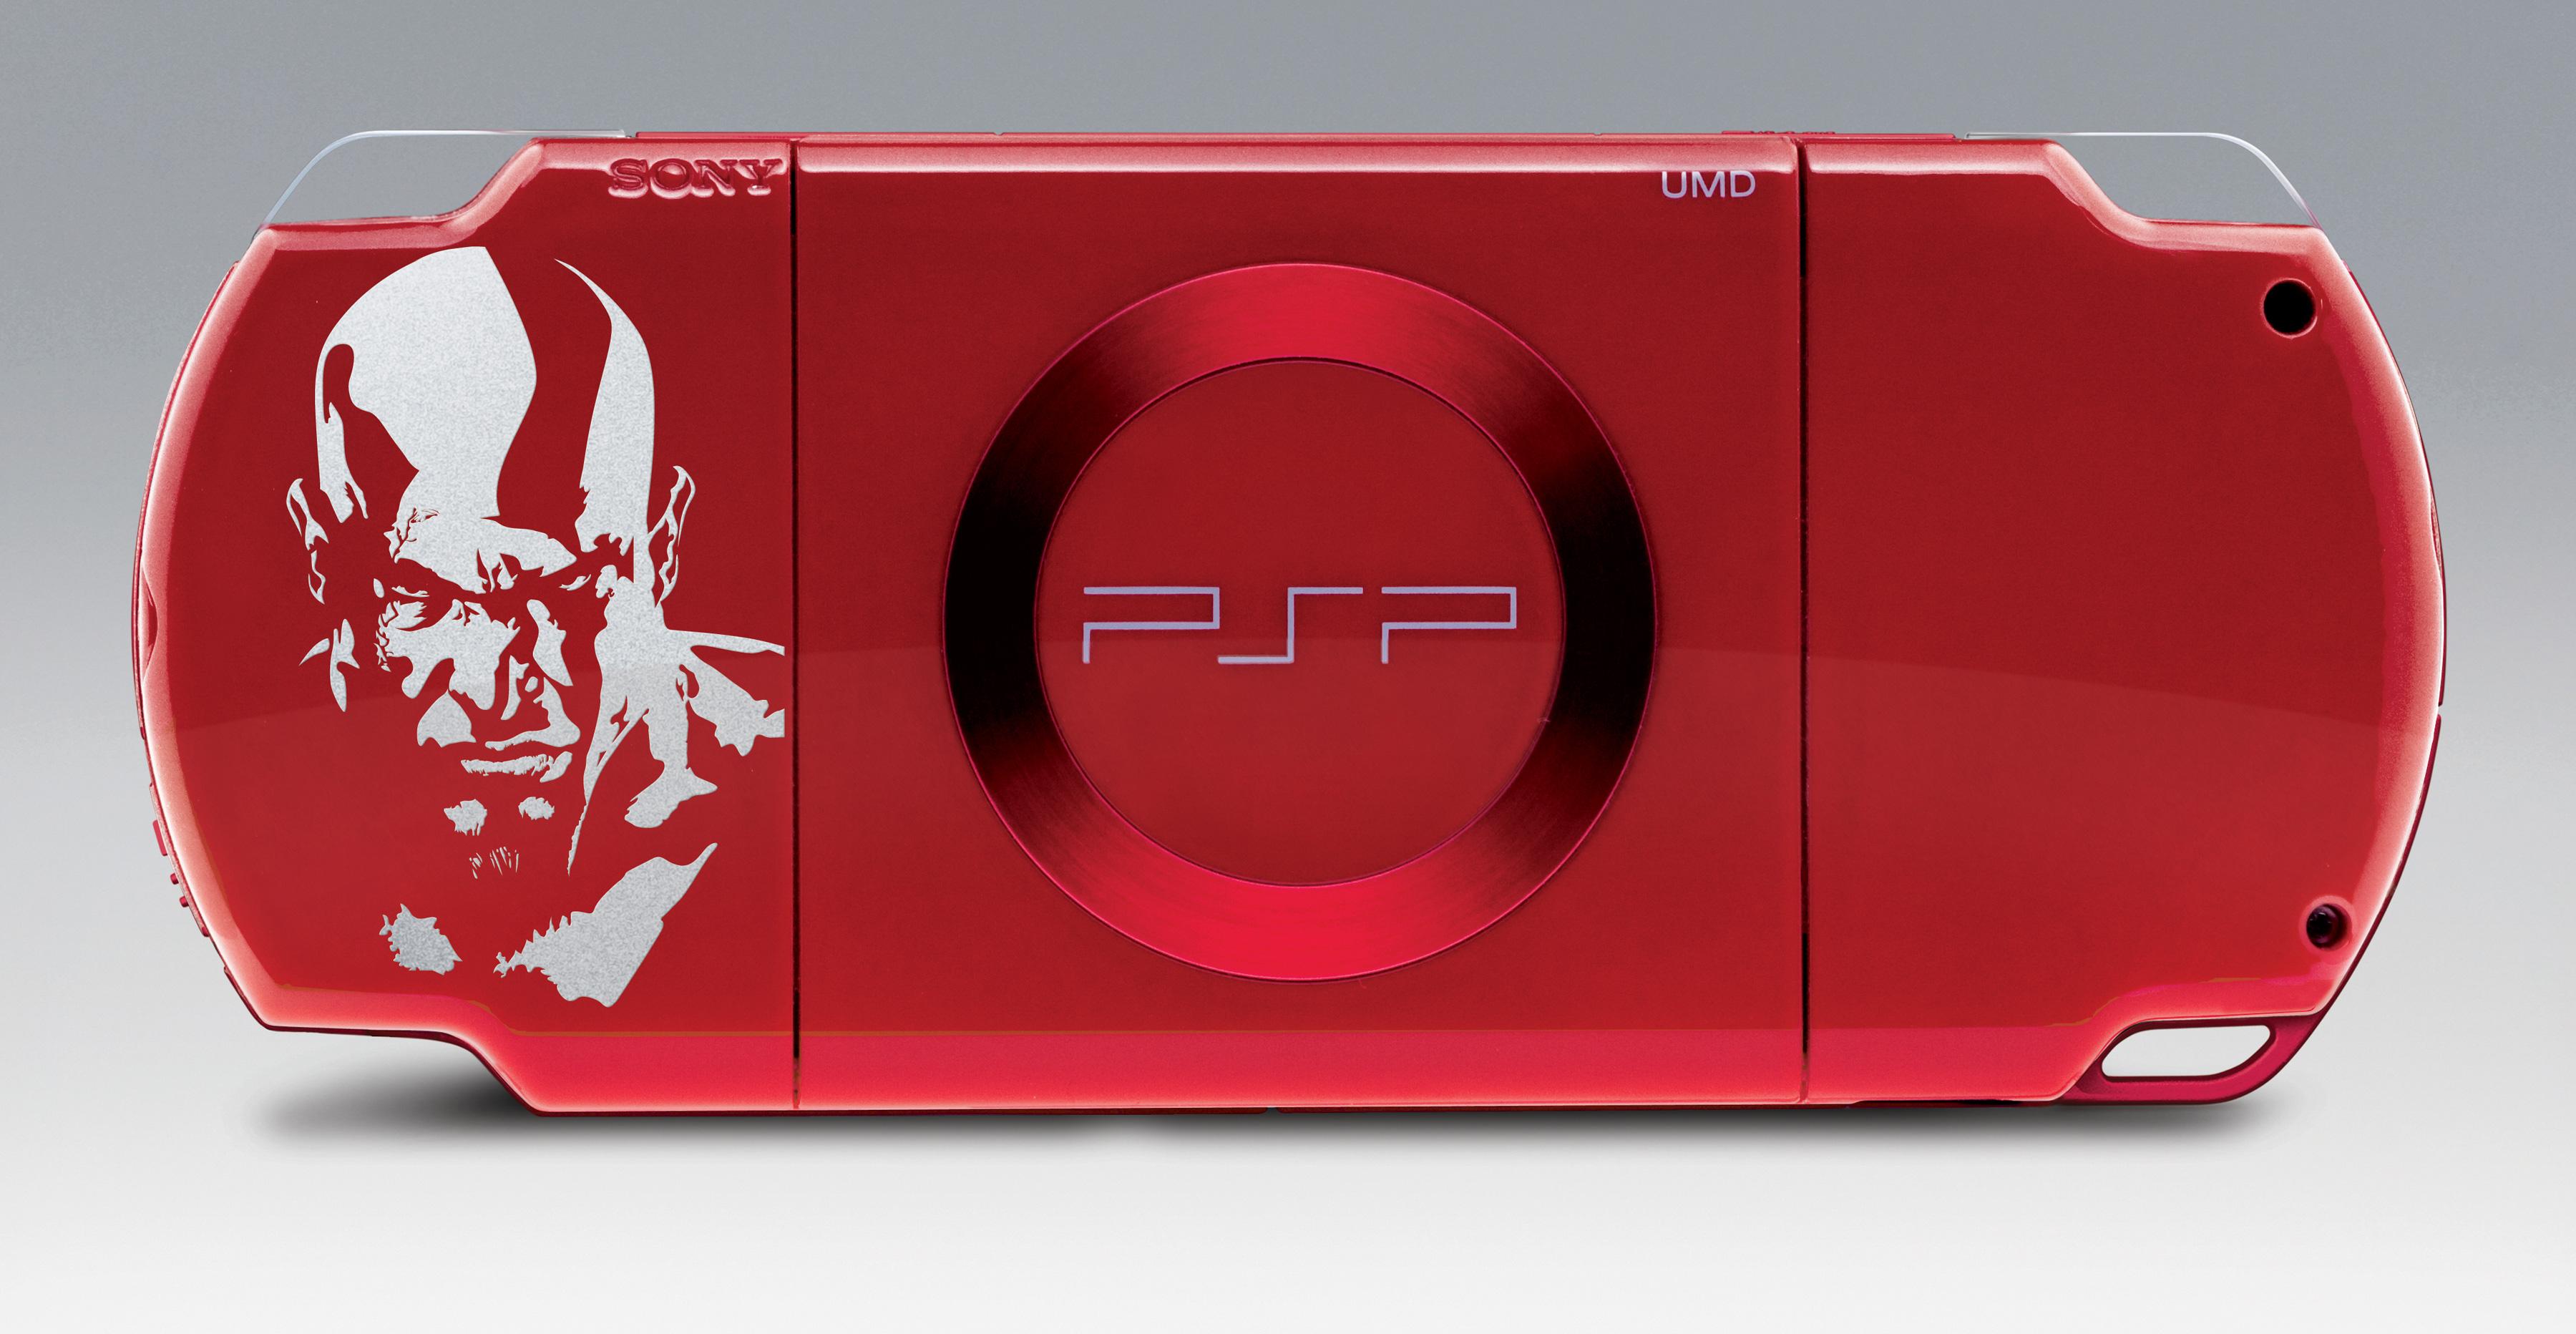 Red God of War PSP Bundle Coming This Summer - Exophase com